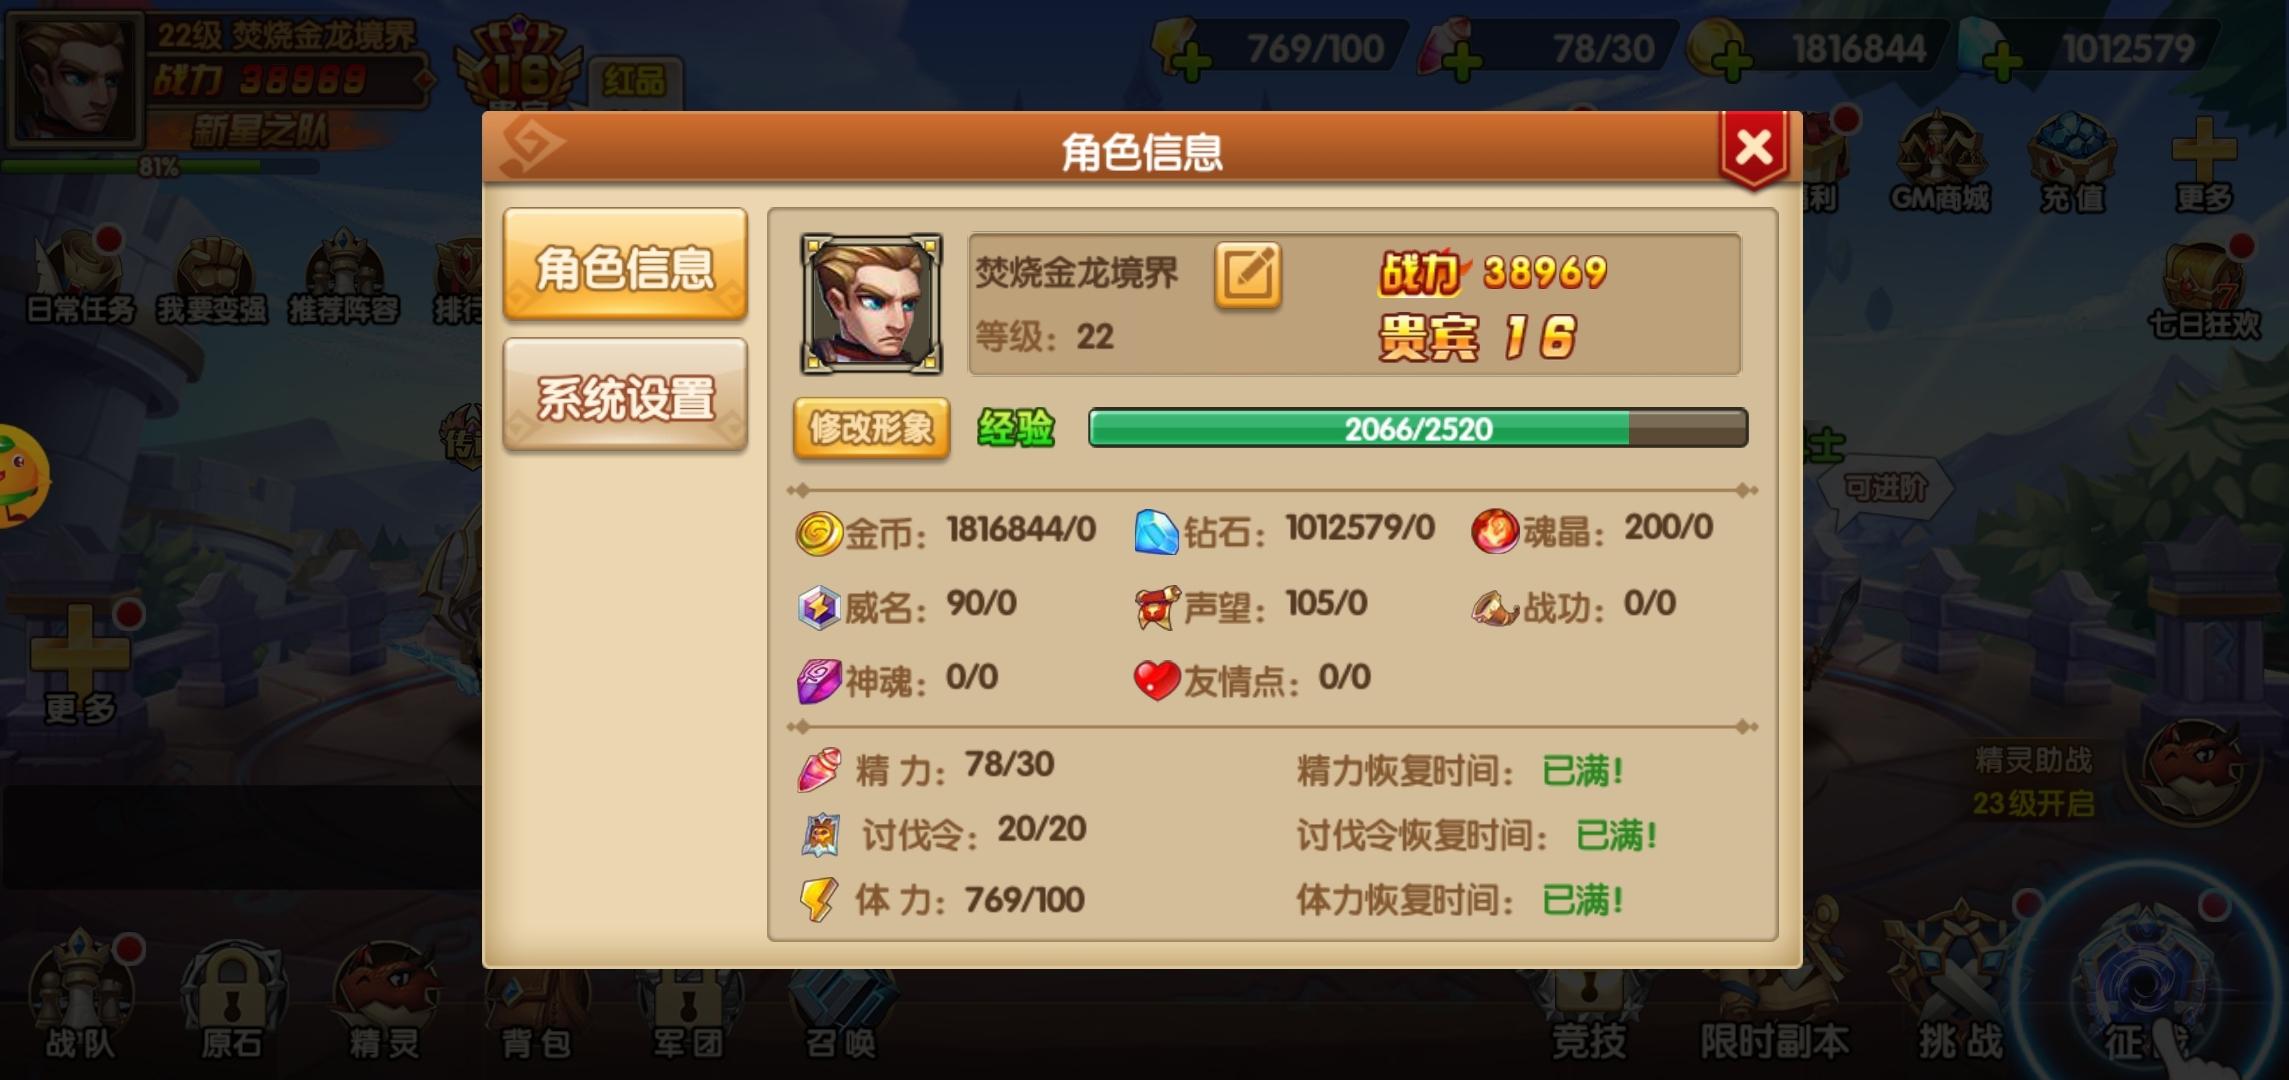 Đại Chiến Quần Hùng Private | Free Full VIP | 999999 Kim Cương | 10000000 Vàng | Hoạt Động Sự Kiện Nhận Quà 3